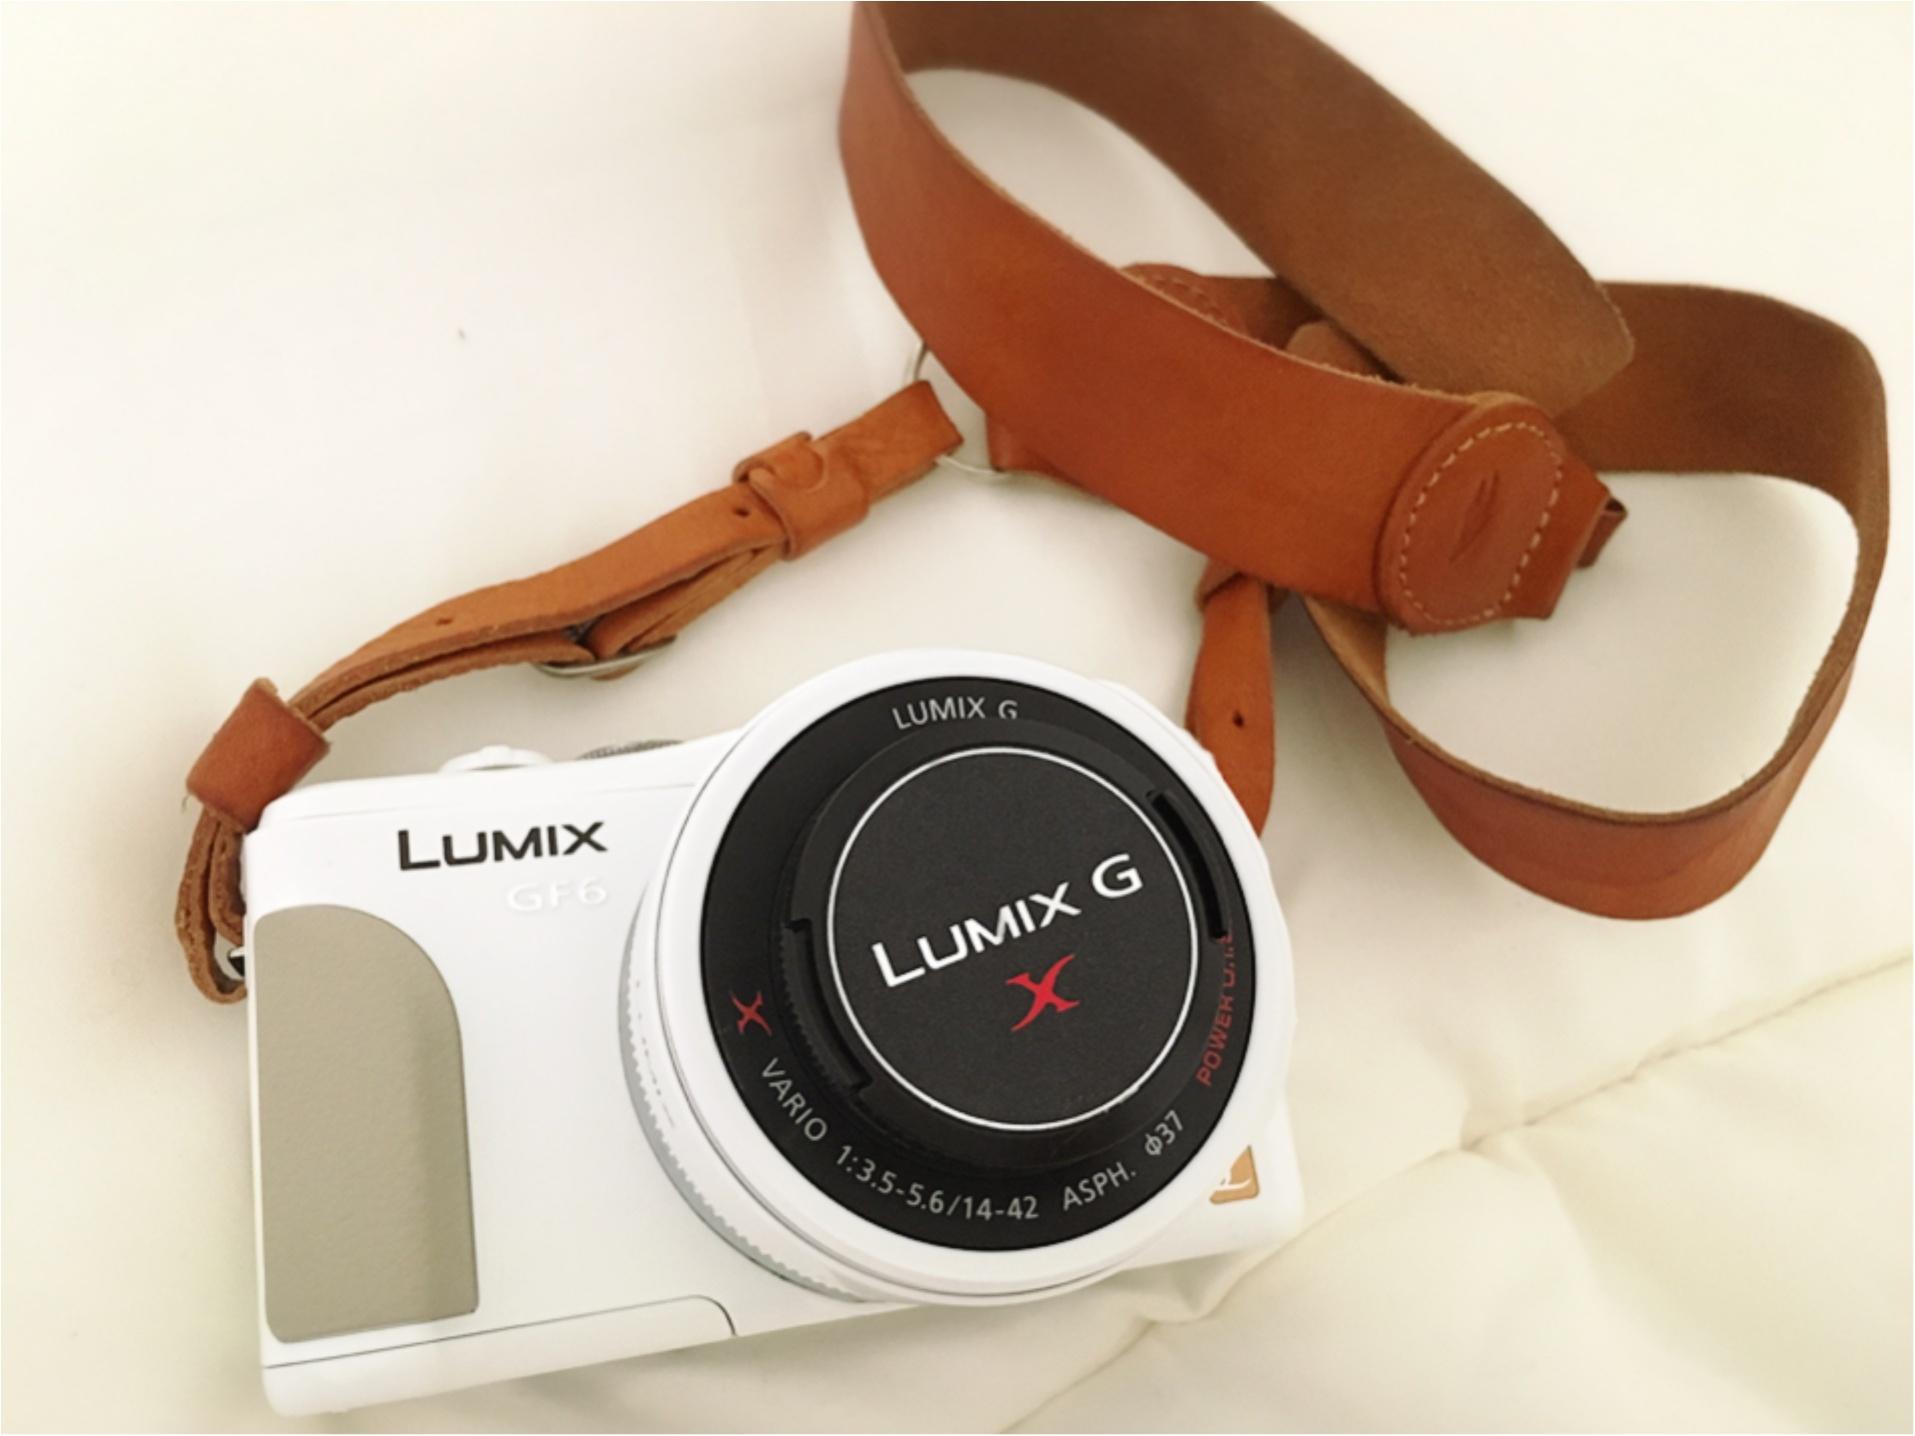 ★晴れた日は、カメラを持って昭和記念公園へ☺︎my camera は『LUMIX』!!_2